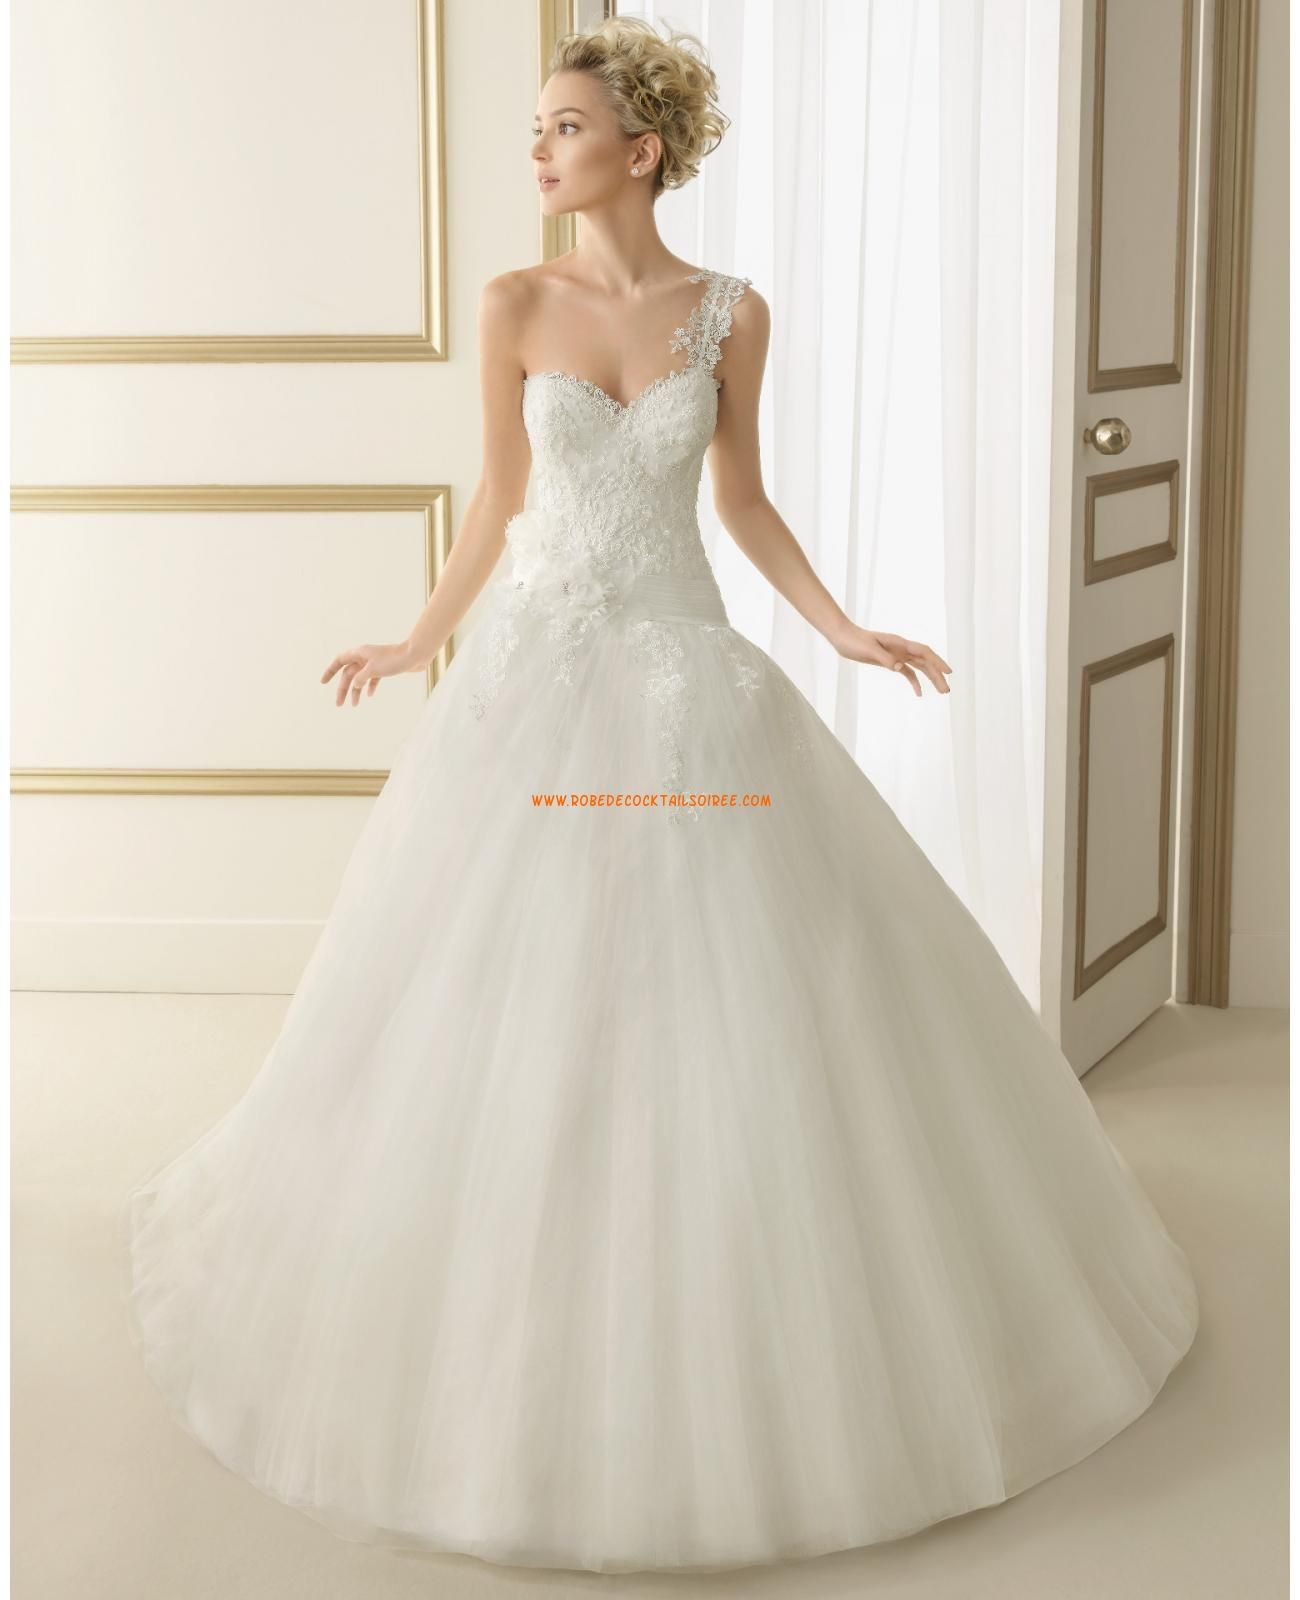 Robe de mariée princesse tulle dentelle fleur bretelle